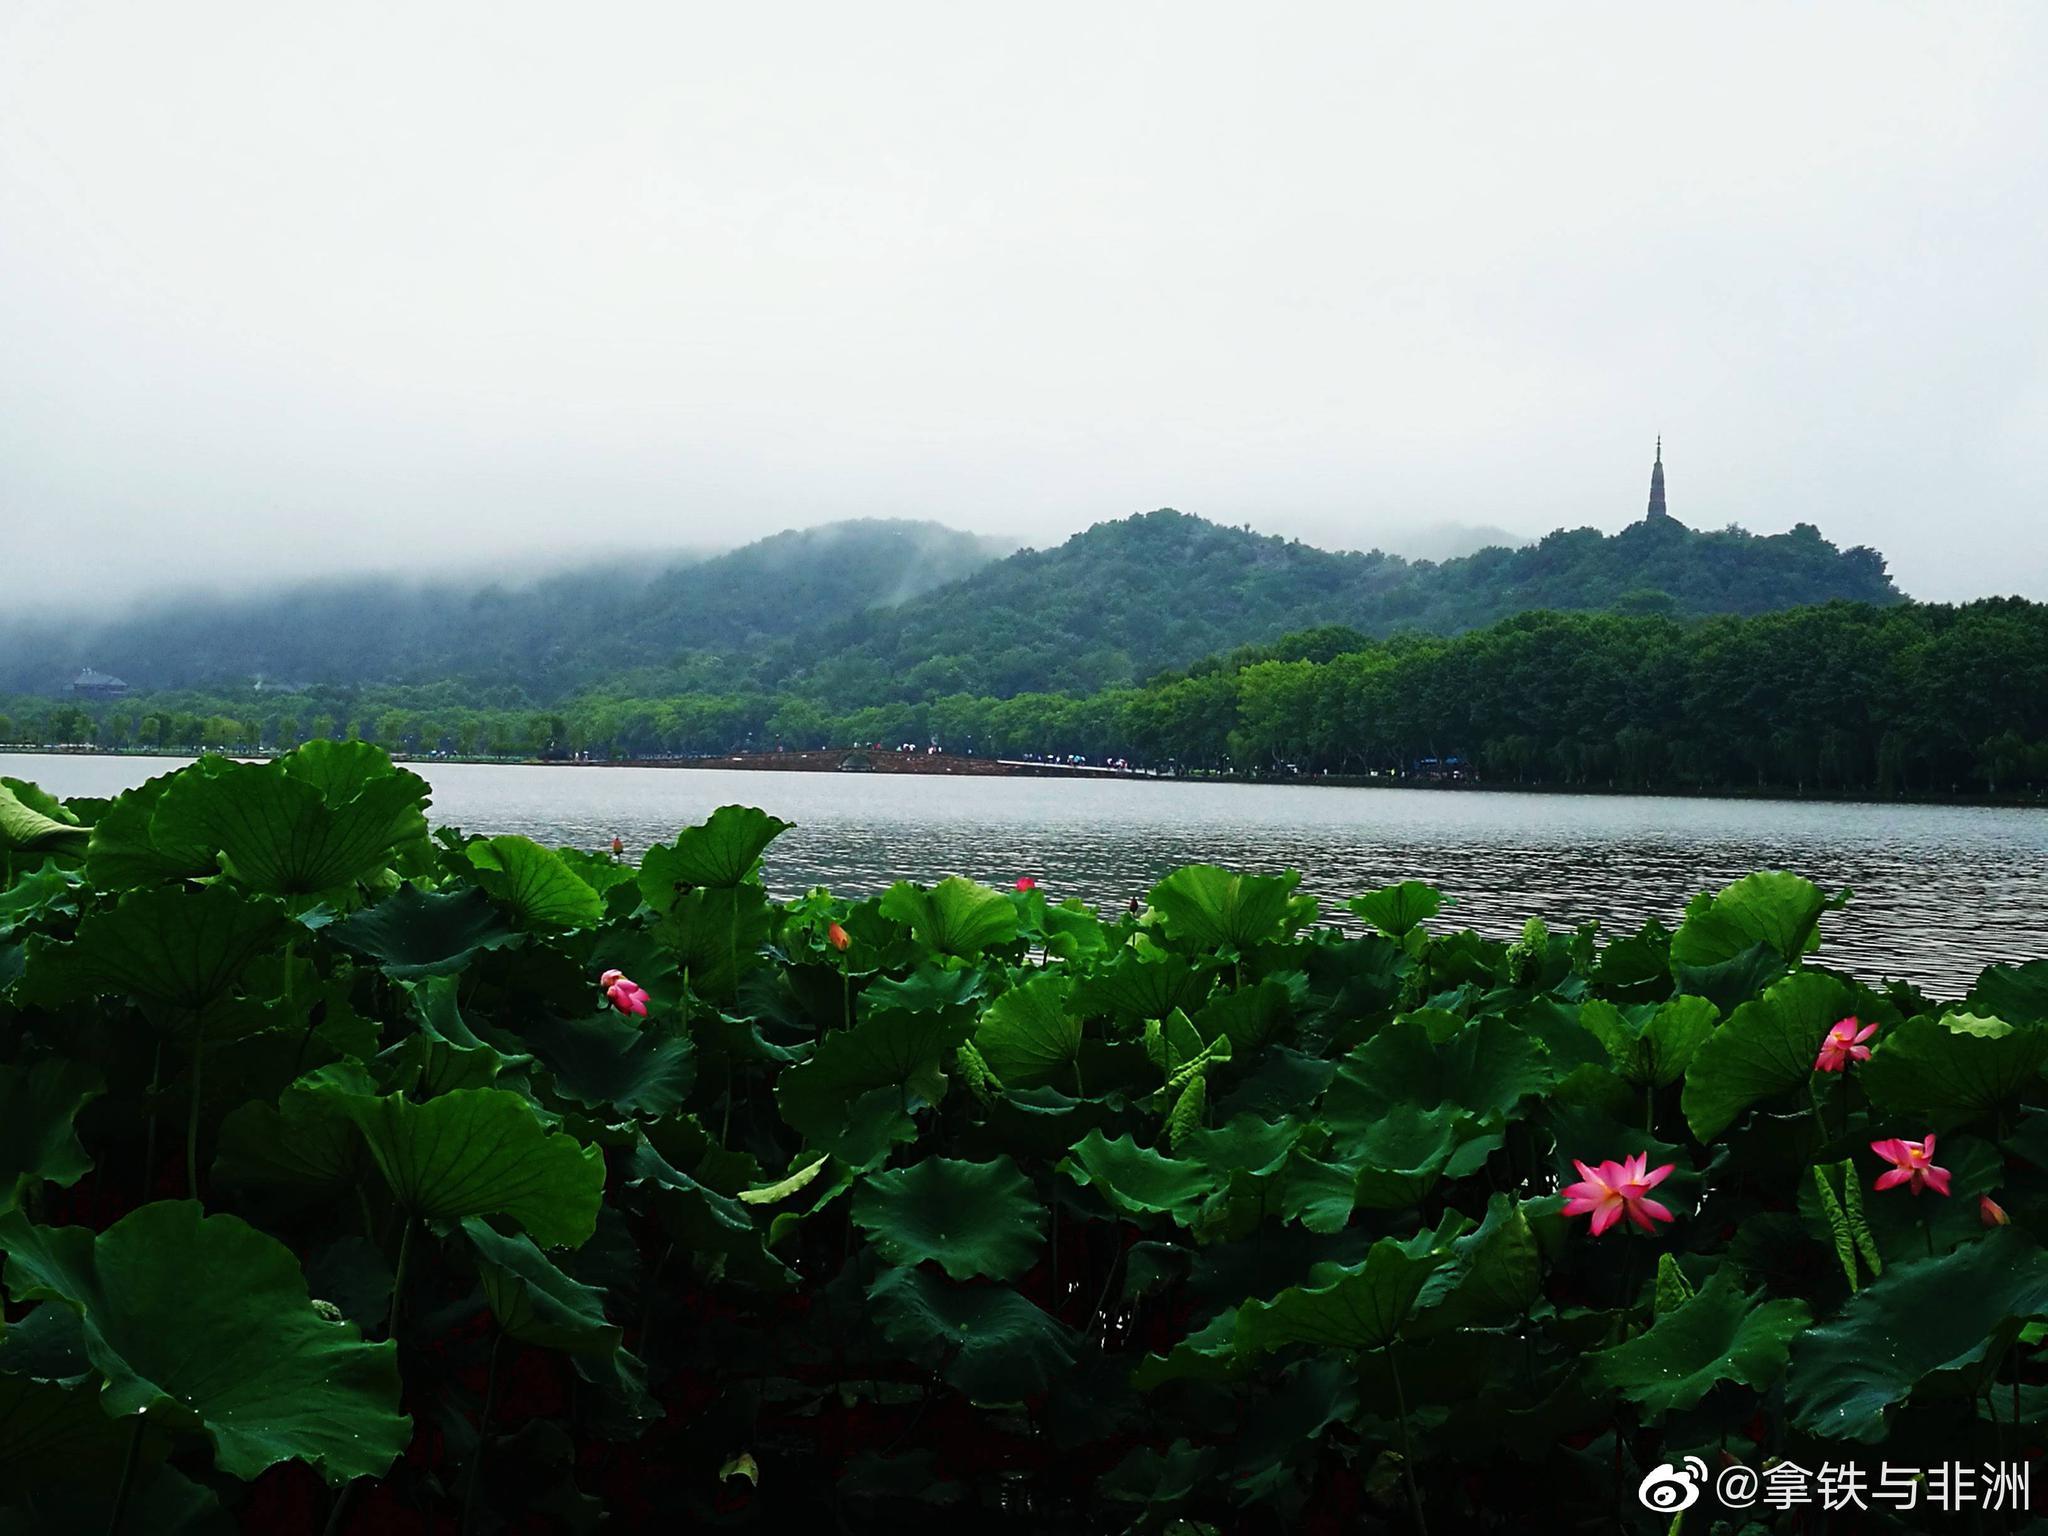 烟雨西湖,一首流淌千年的诗